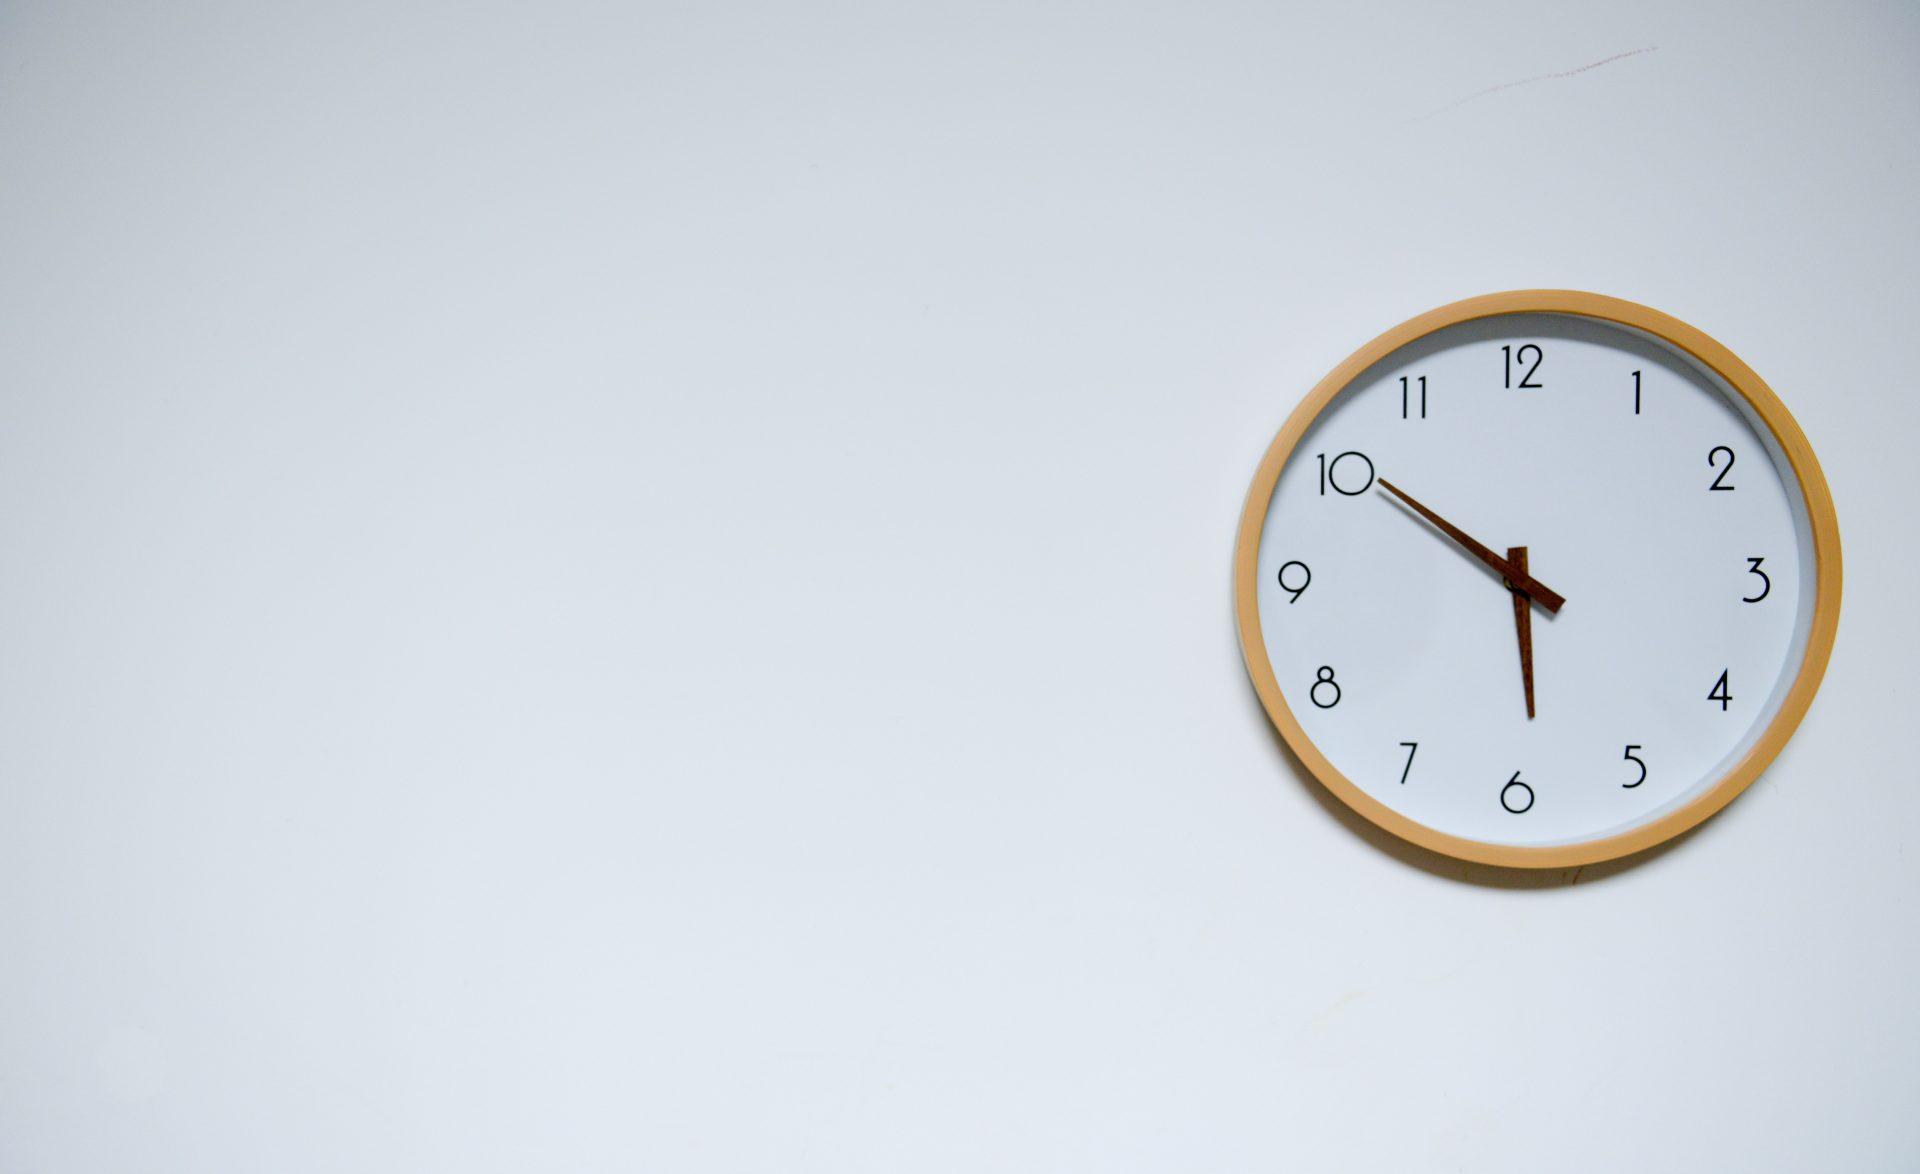 Monitorare in tempo reale per rispondere in tempo reale.